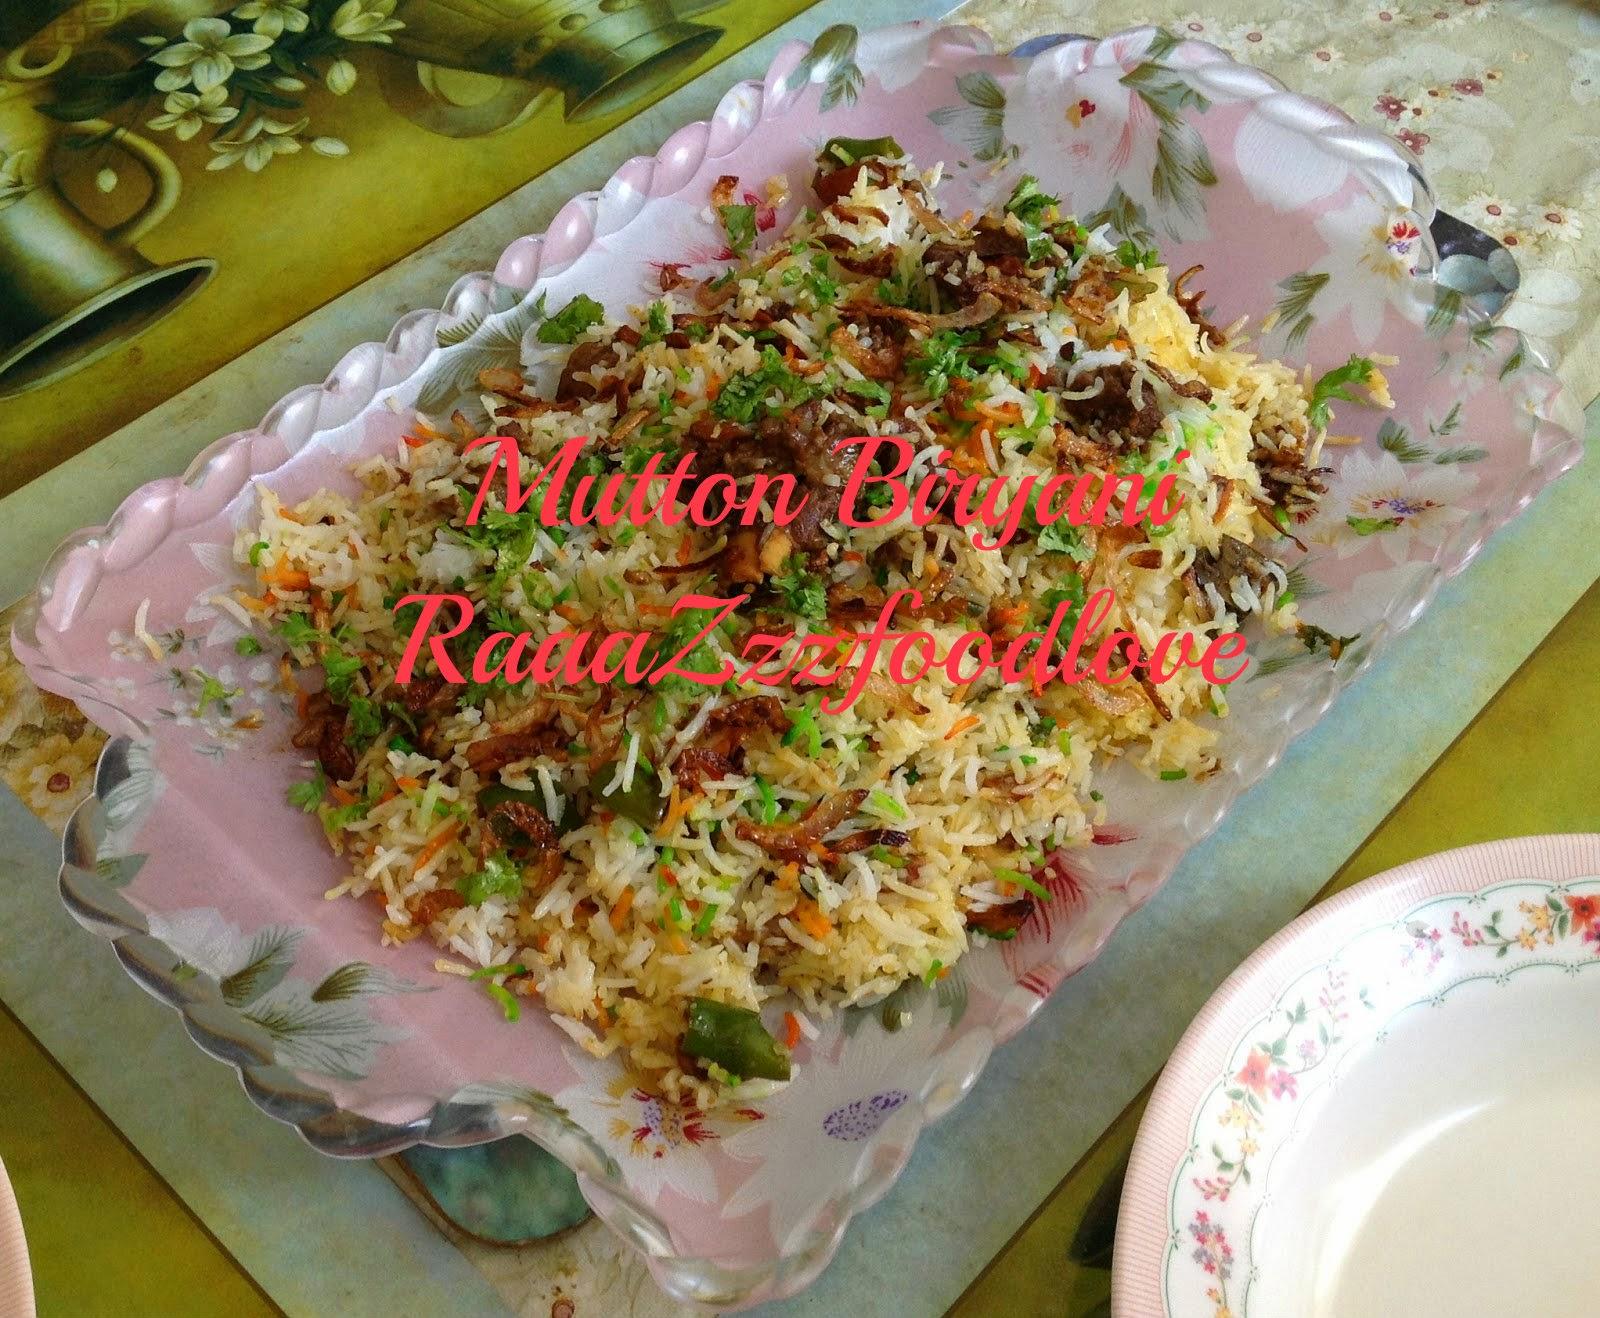 http://raaazzzfoodlove.blogspot.in/2013/01/mutton-biryani-my-style.html